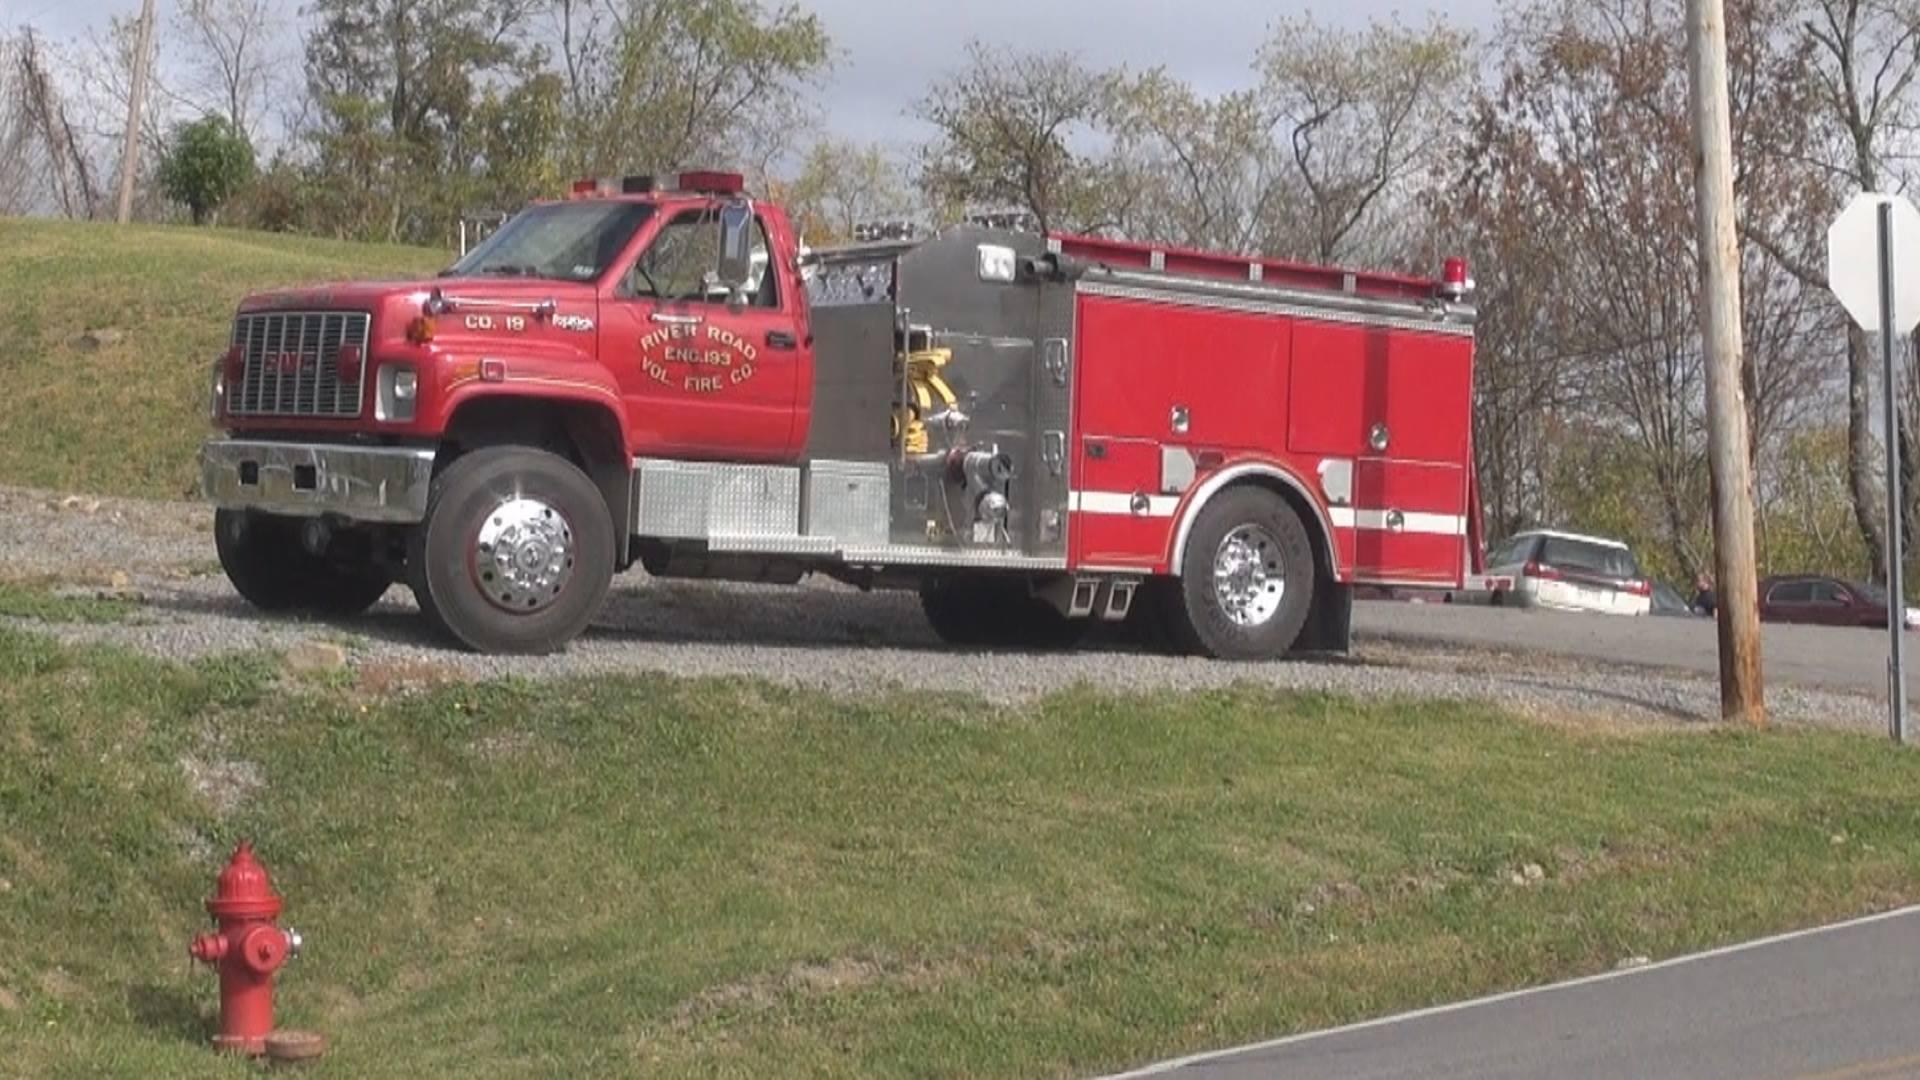 © River Road Volunteer Fire Department